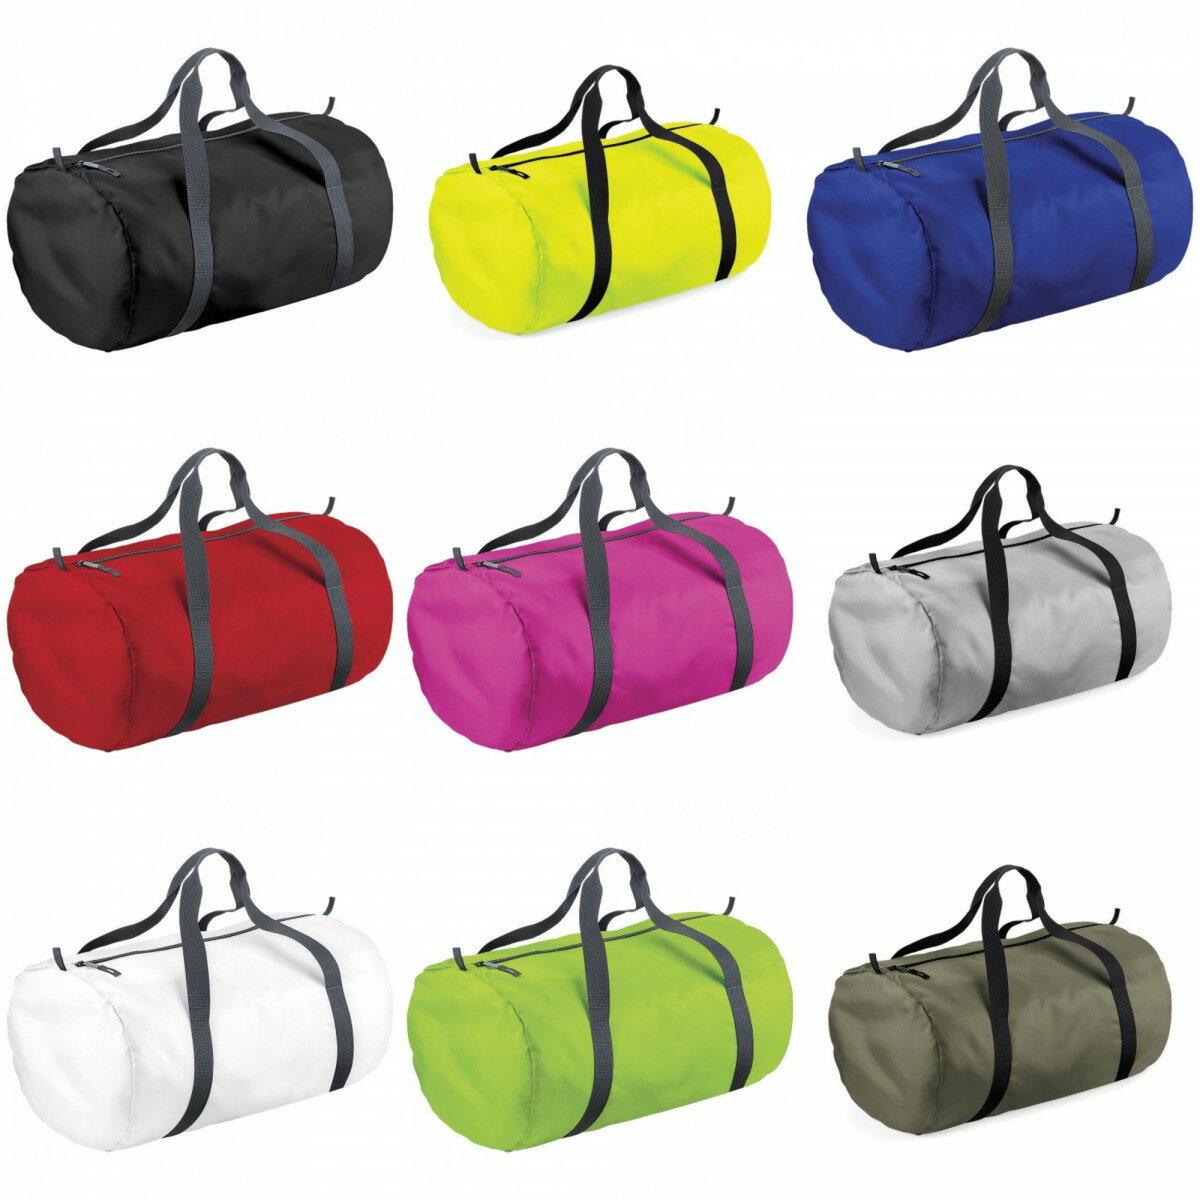 (バッグベース) BagBase 耐水加工 ドラムバッグ 筒型 ボストンバッグ ダッフルバッグ 旅行かばん (32L) 【楽天海外直送】